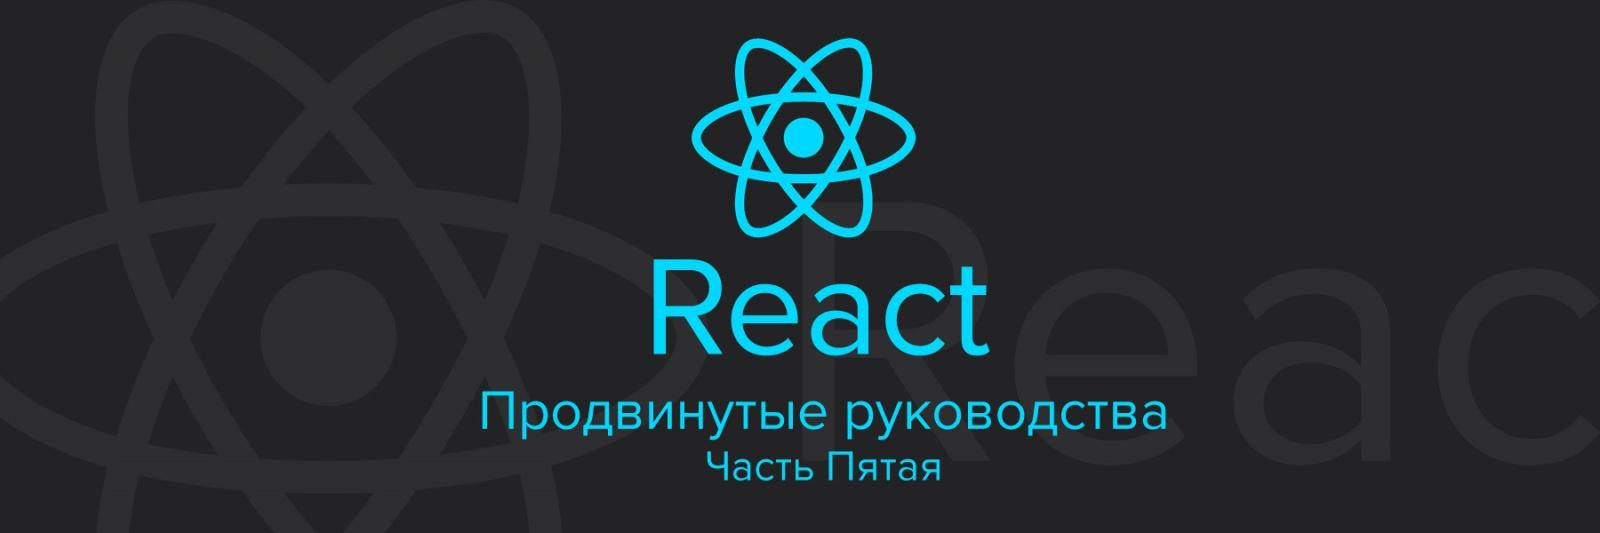 React. Продвинутые руководства. Часть Пятая